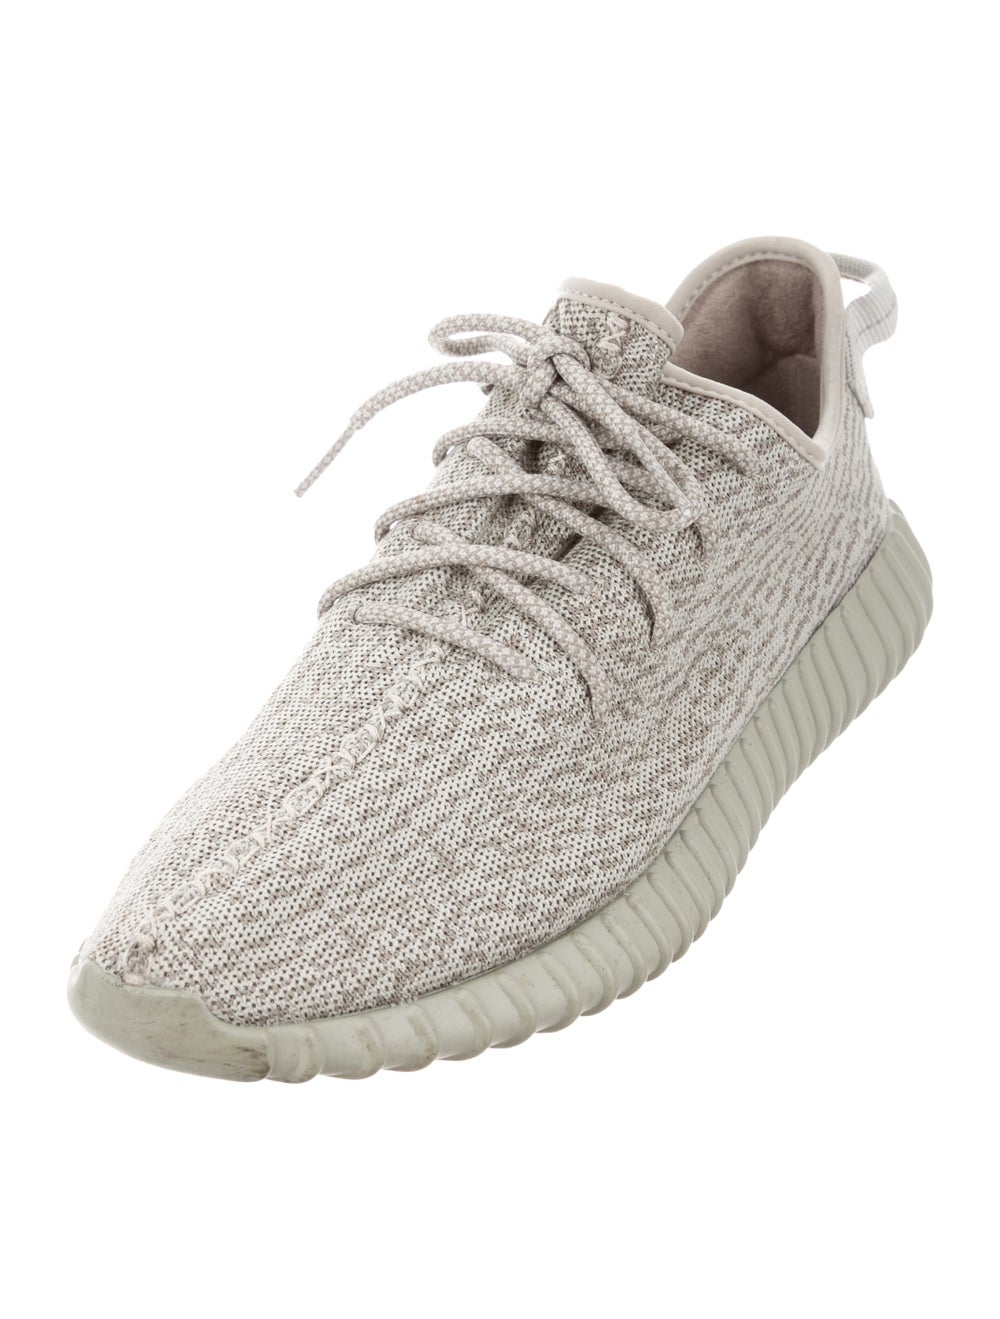 Yeezy x adidas Yeezy Boost 350 Moonrock Sneakers - image 2